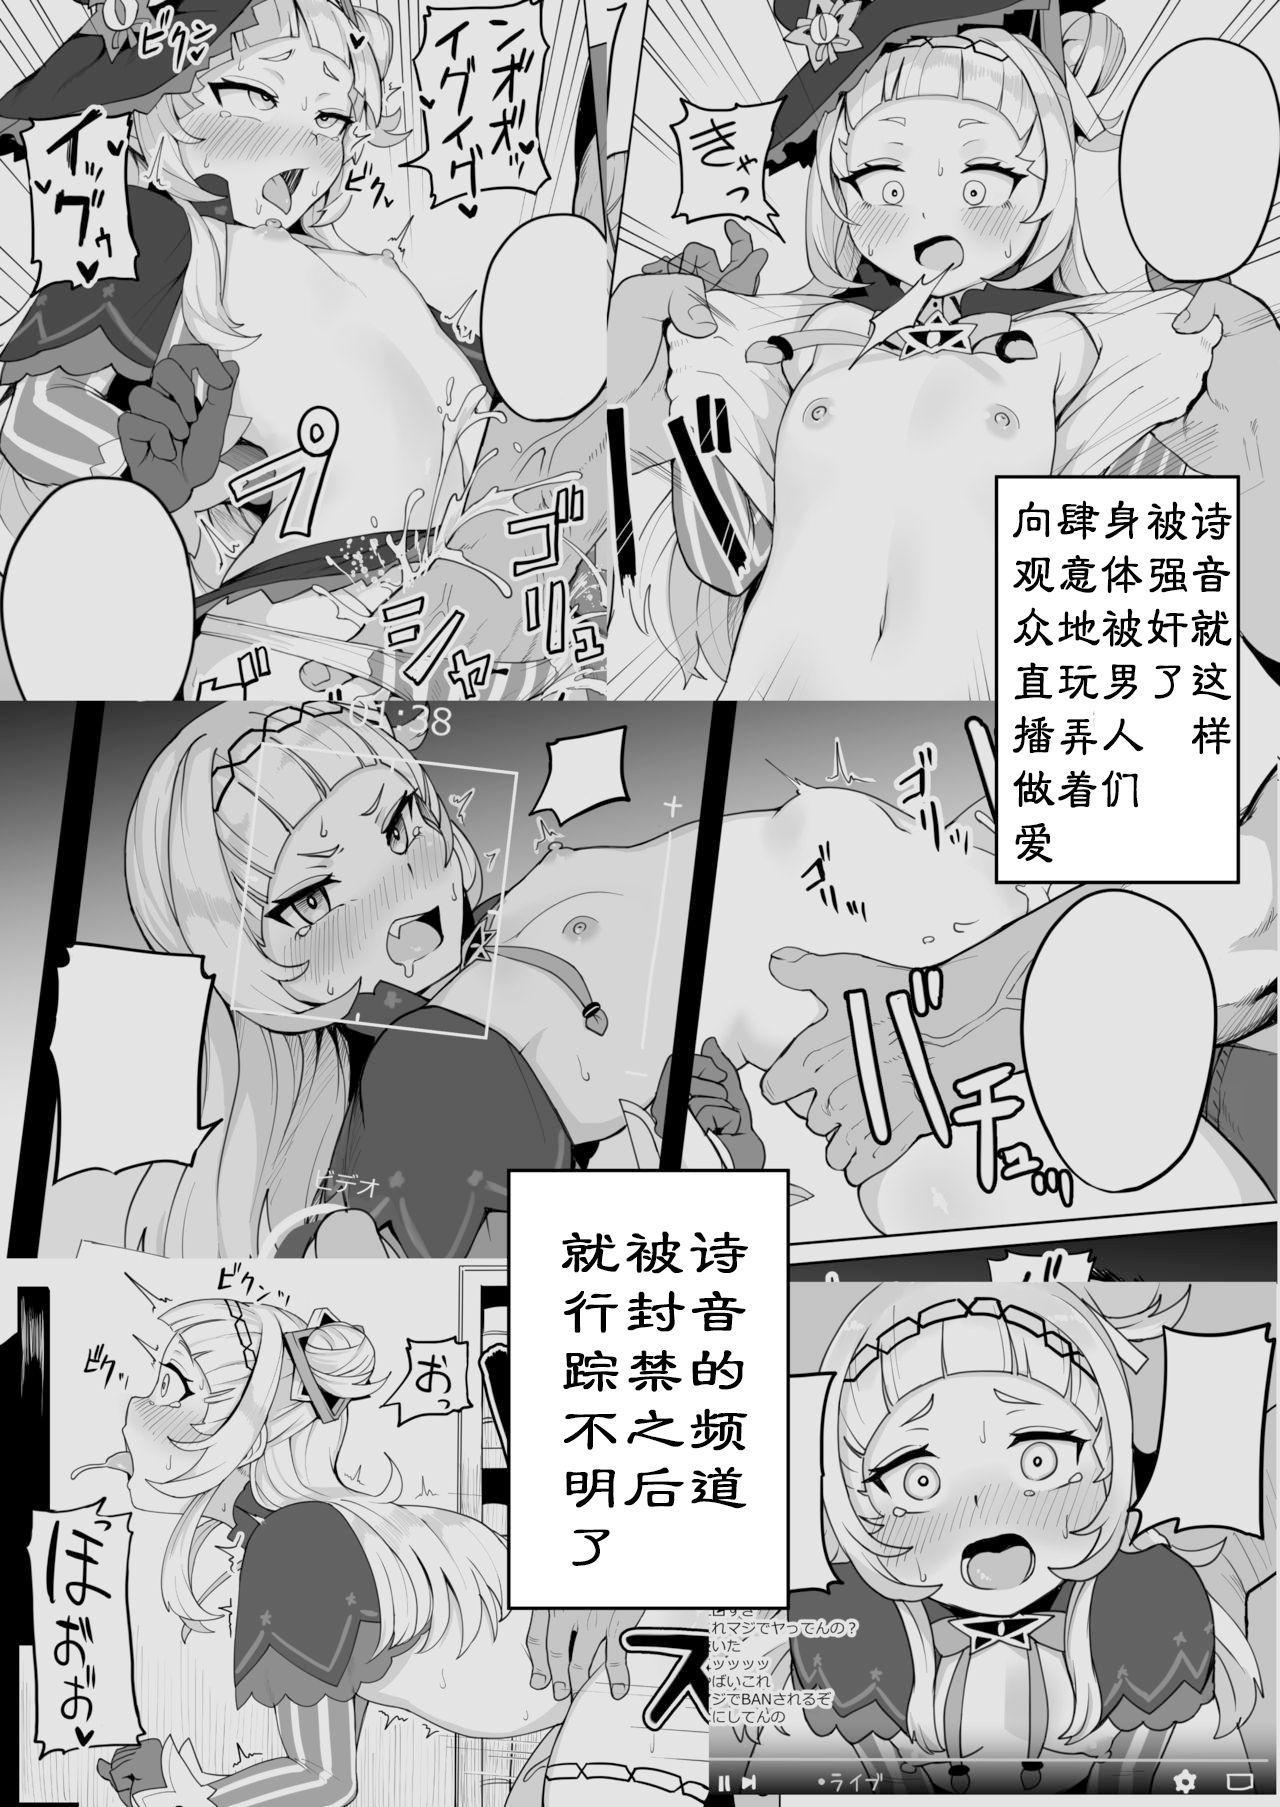 Aqua-chan wa Douki no Tame nara  阿库娅酱为了同期生的话 3